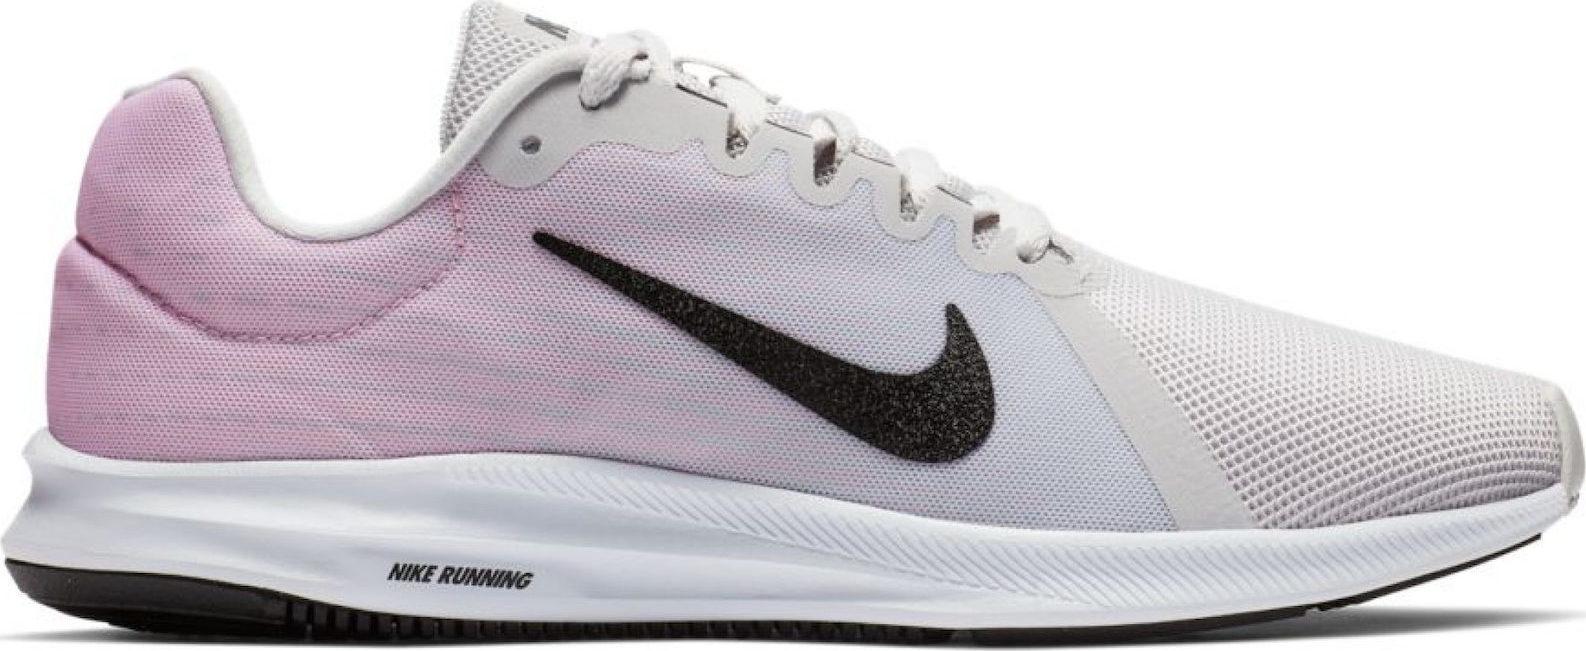 f5b45f604dadb Προσθήκη στα αγαπημένα menu Nike Downshifter 8